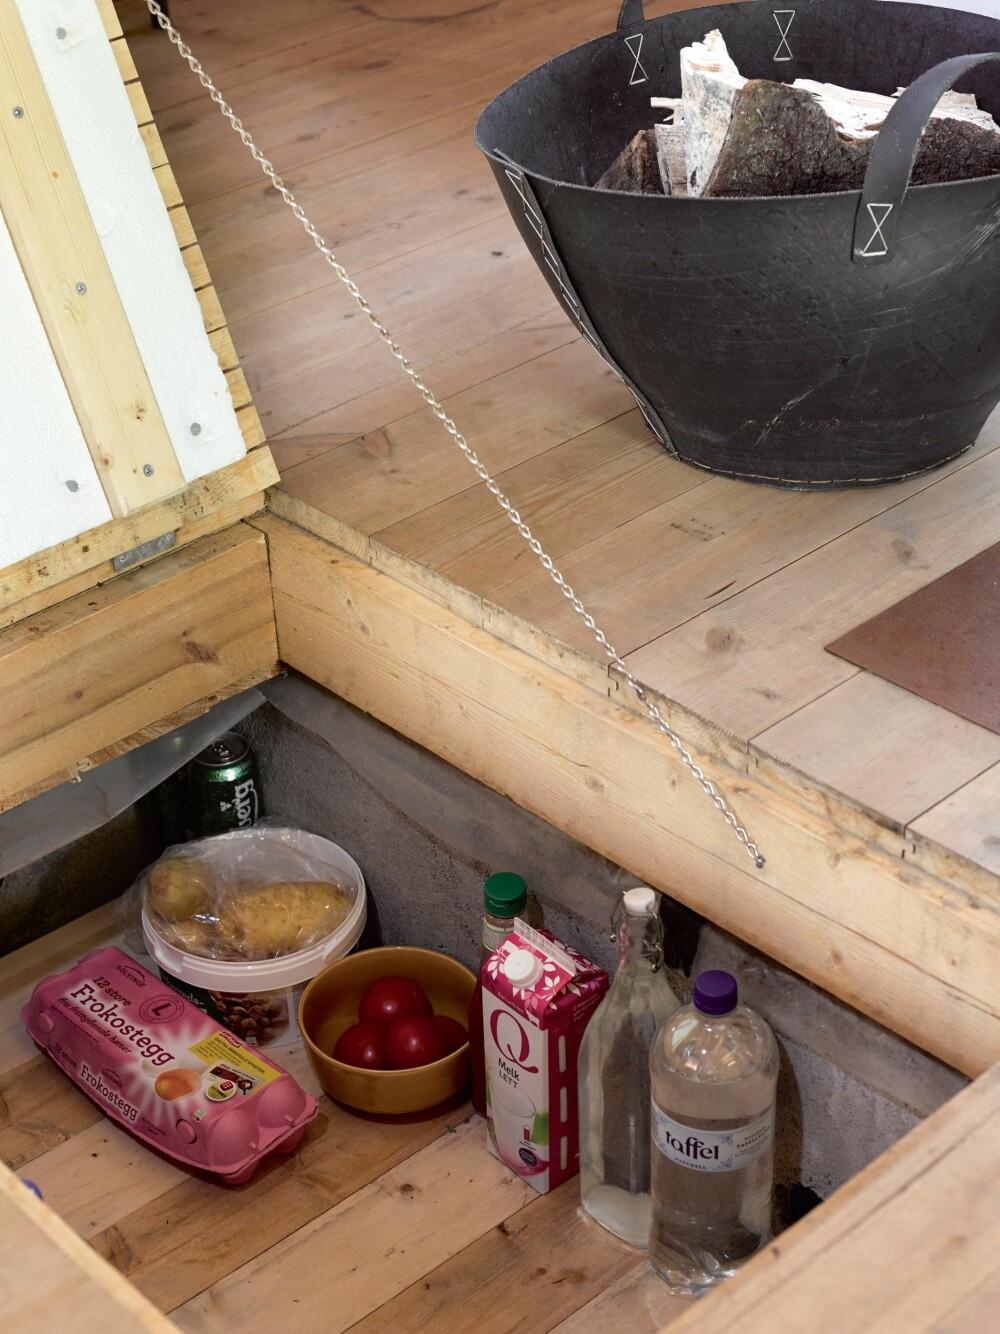 KJØLESKAP UNDER GULVET: Under kjøkkengulvet holder matvarene seg kalde. Gulv og vegger er støpt i betong. Et rør sørger for utlufting.  I bunnen under er det lagt grov pukk.